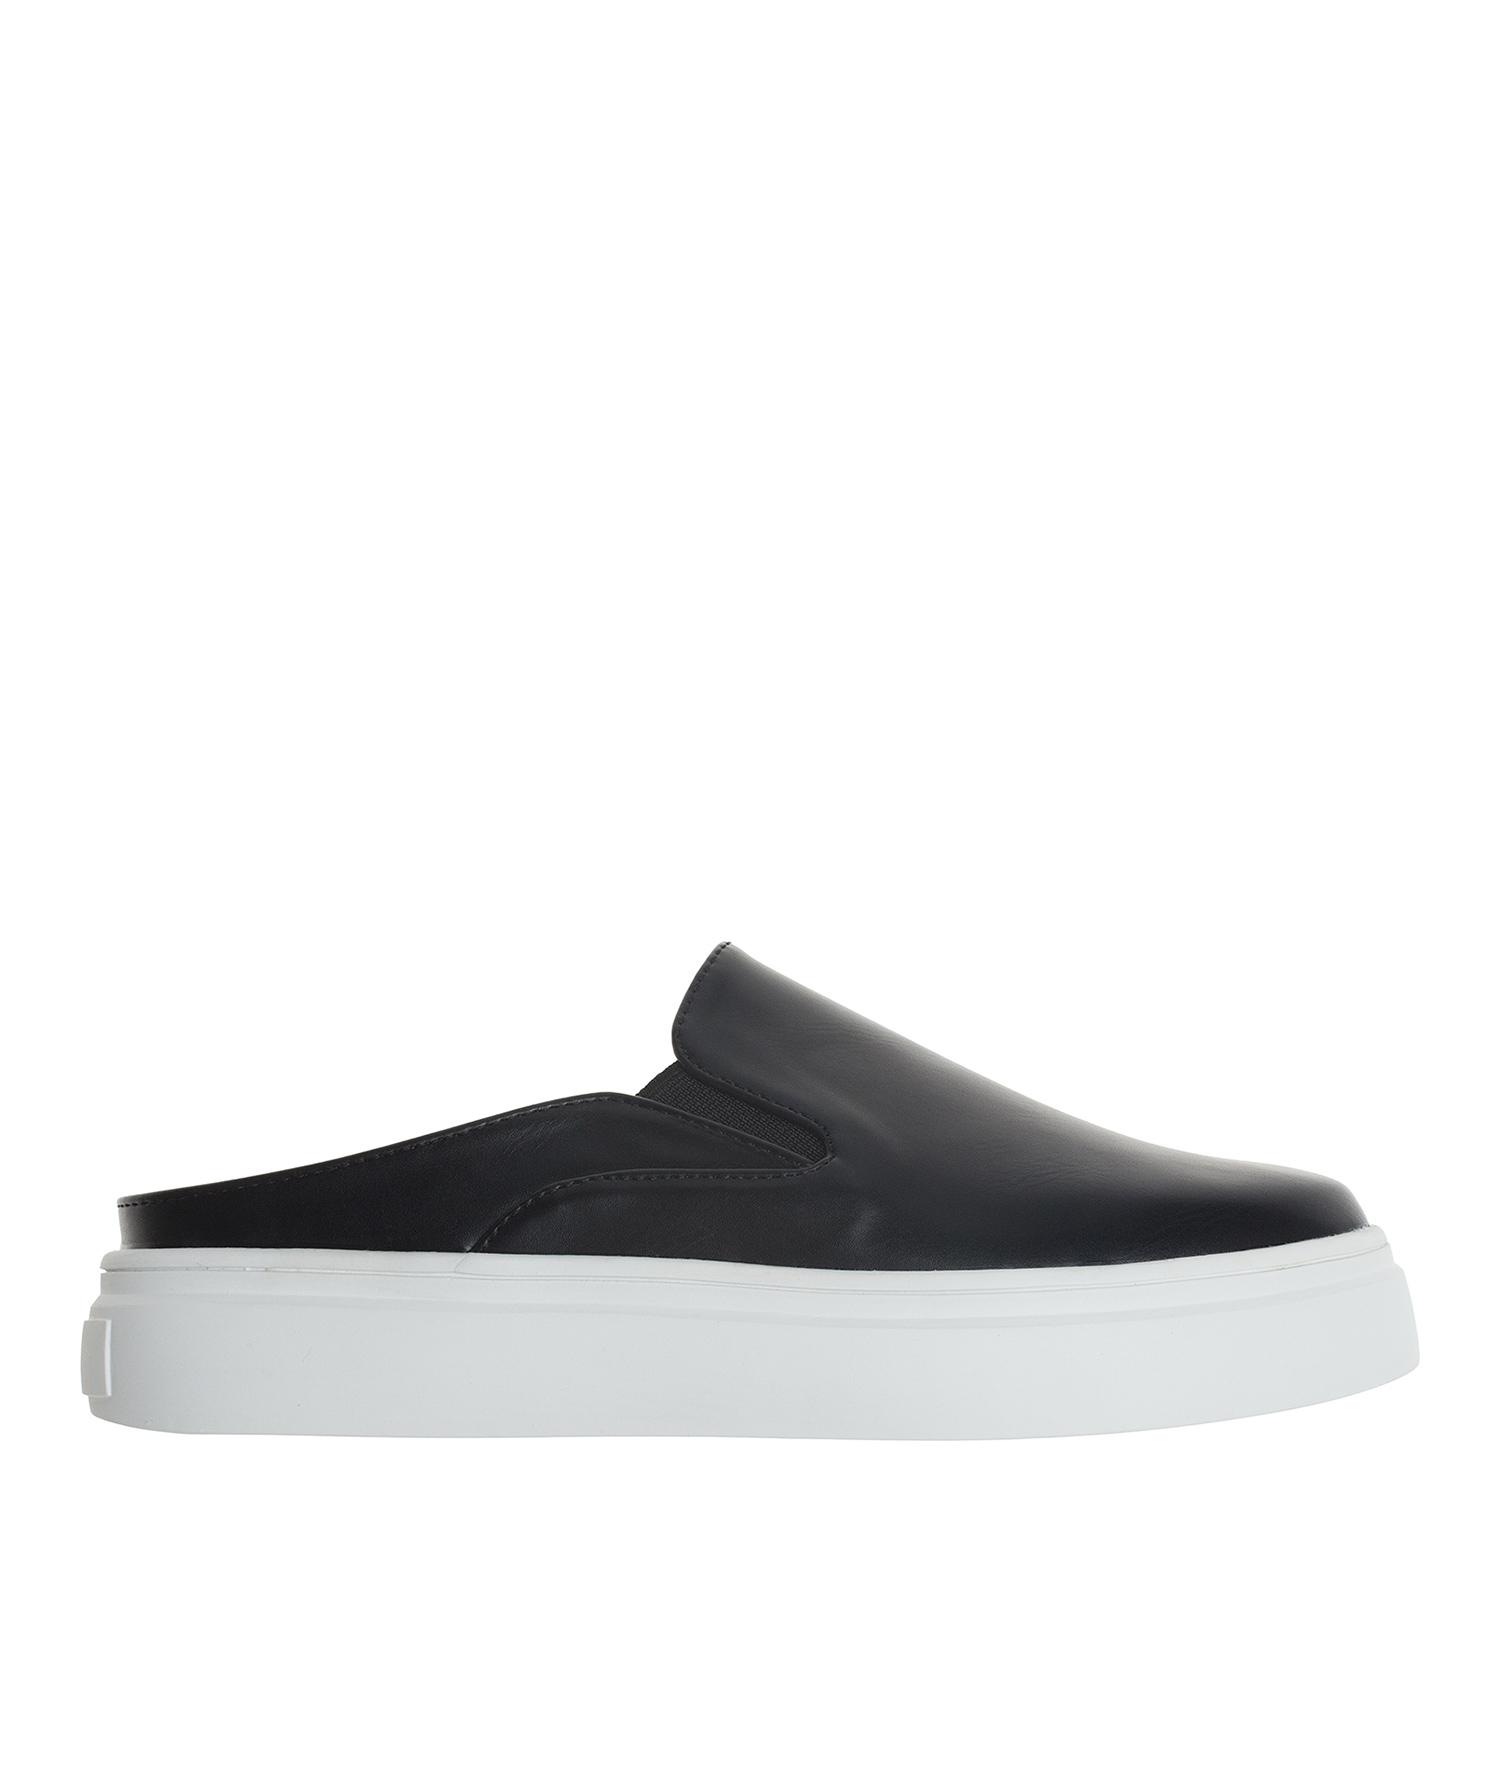 Vegan Leather Slip On Mule Sneakers